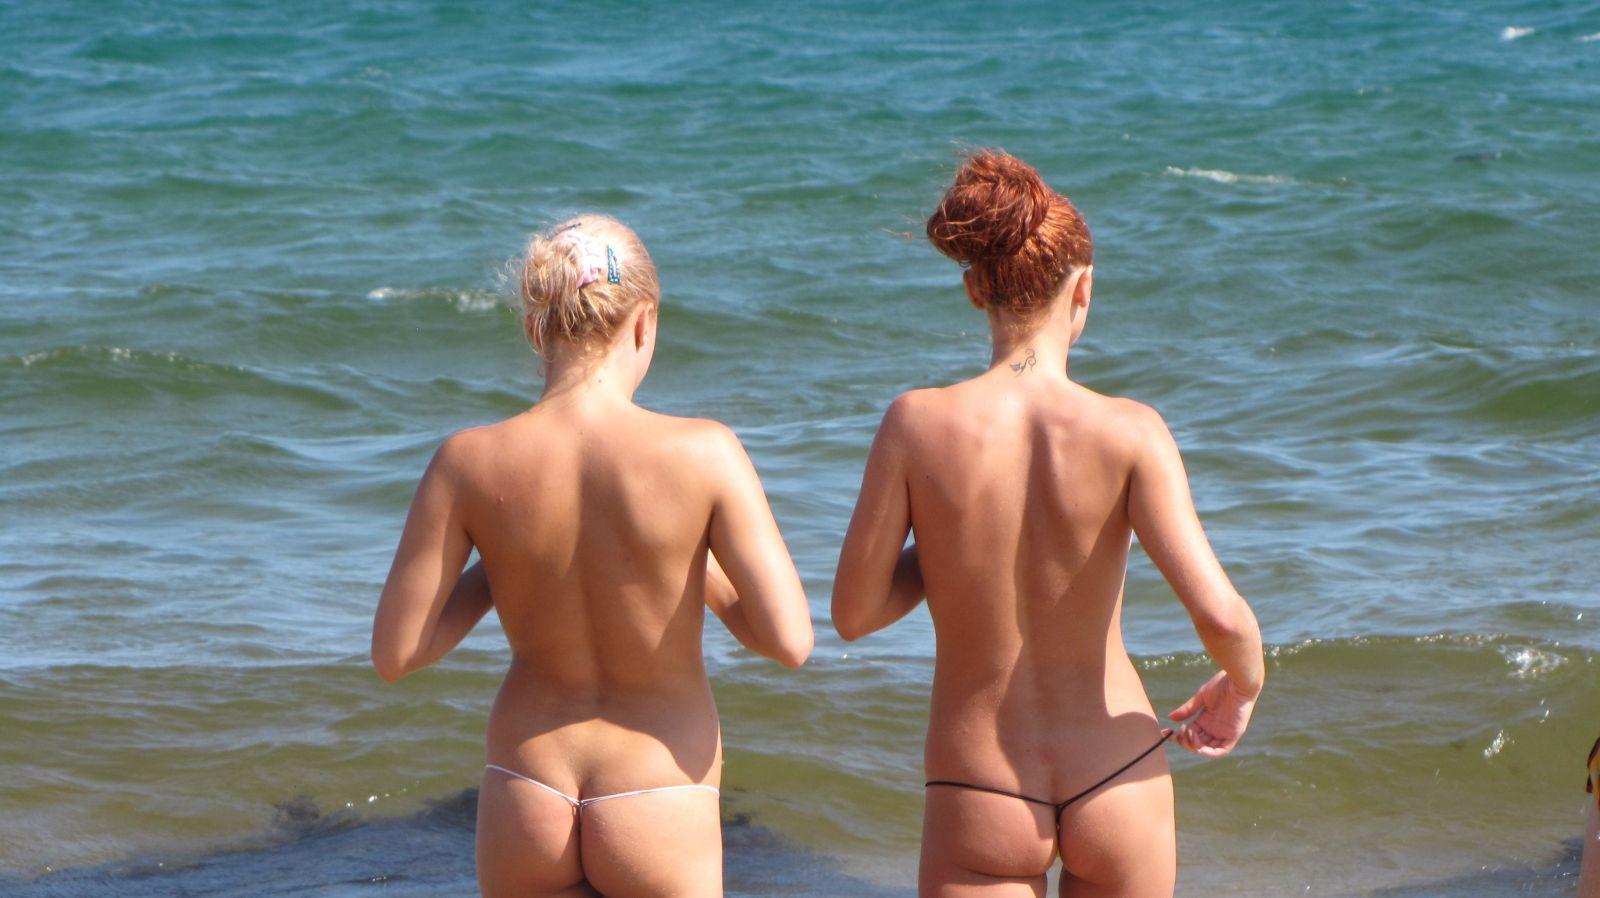 Фото девушек одессы на пляжах, Часные фото девушек из Одессы 10 фотография